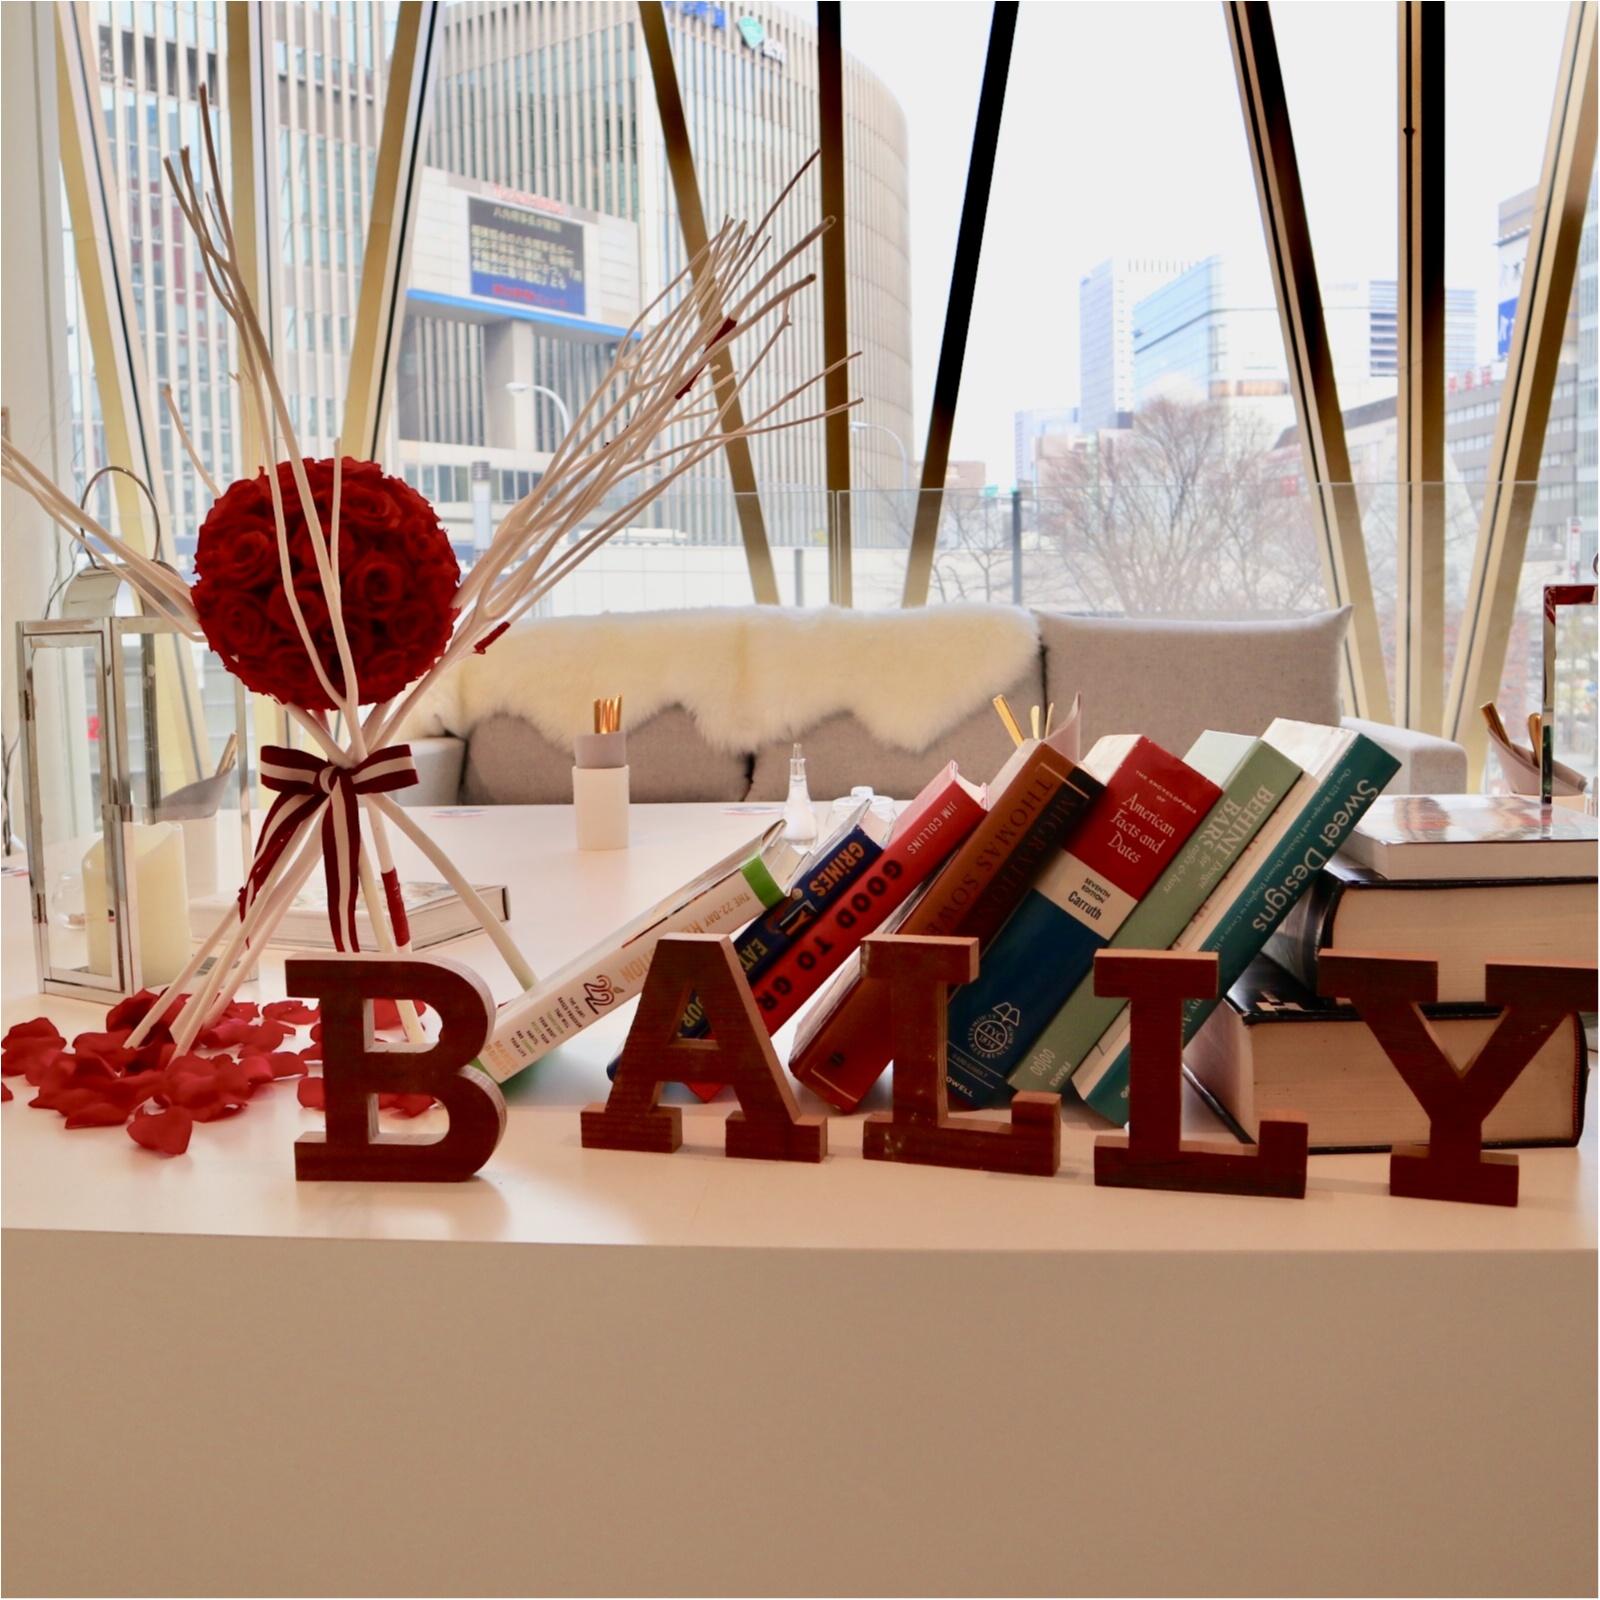 スイス風の店内が可愛いっ♡冬季限定【BALLY CAFE】に行ってきました!_3_2